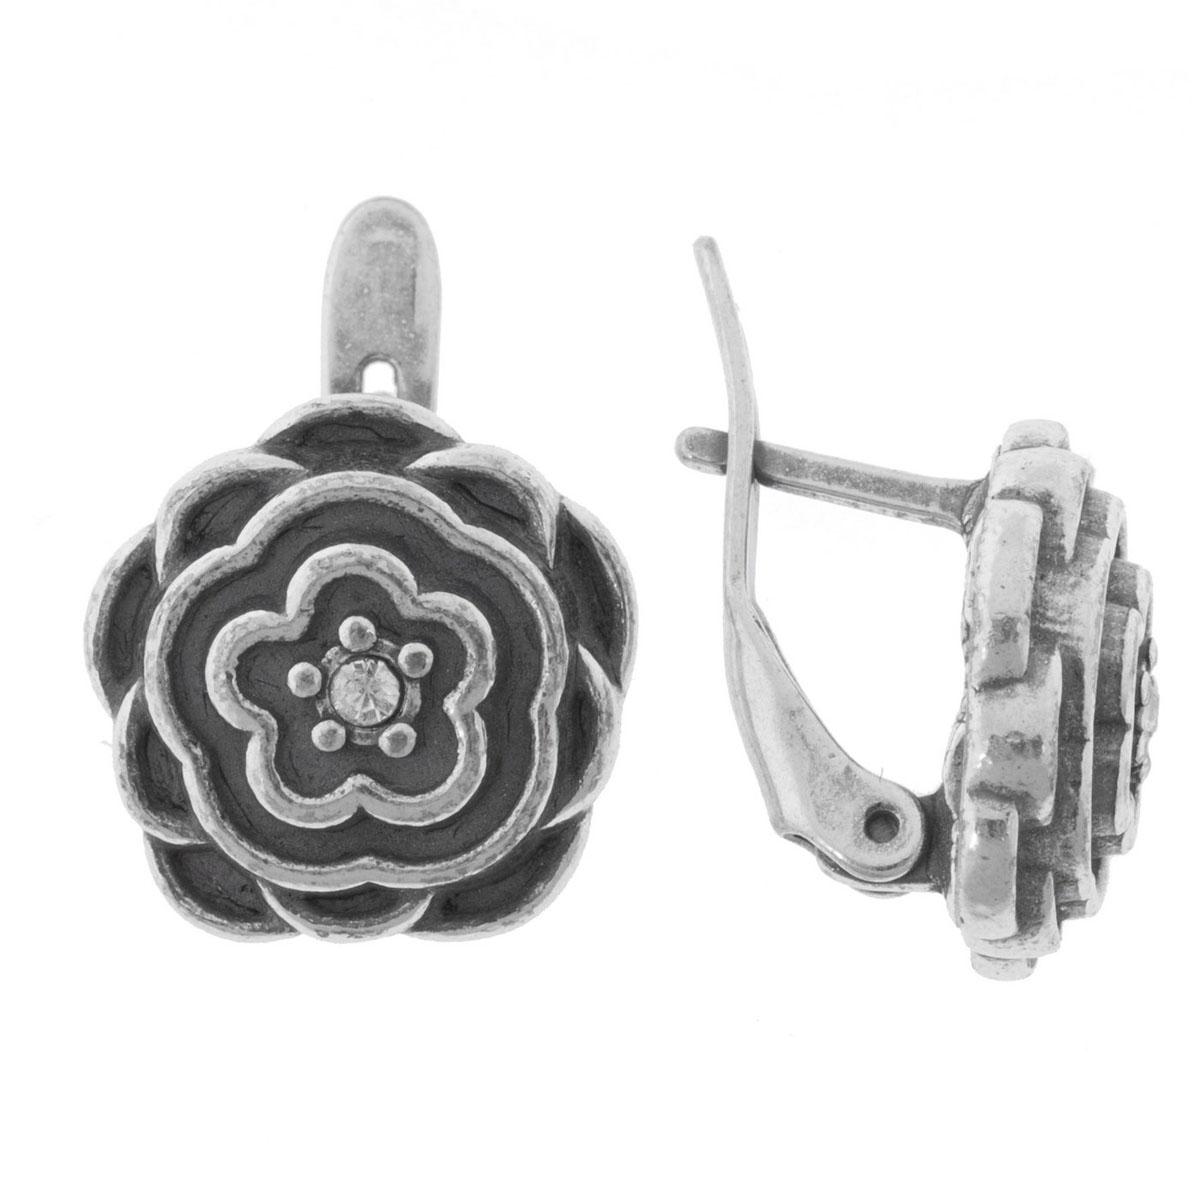 Серьги Jenavi Рэта, цвет: серебро, белый. K5273100k5273100Коллекция Jetta, Рэта (Серьги) гипоаллергенный ювелирный сплав,Черненое серебро, вставка Кристаллы Swarovski